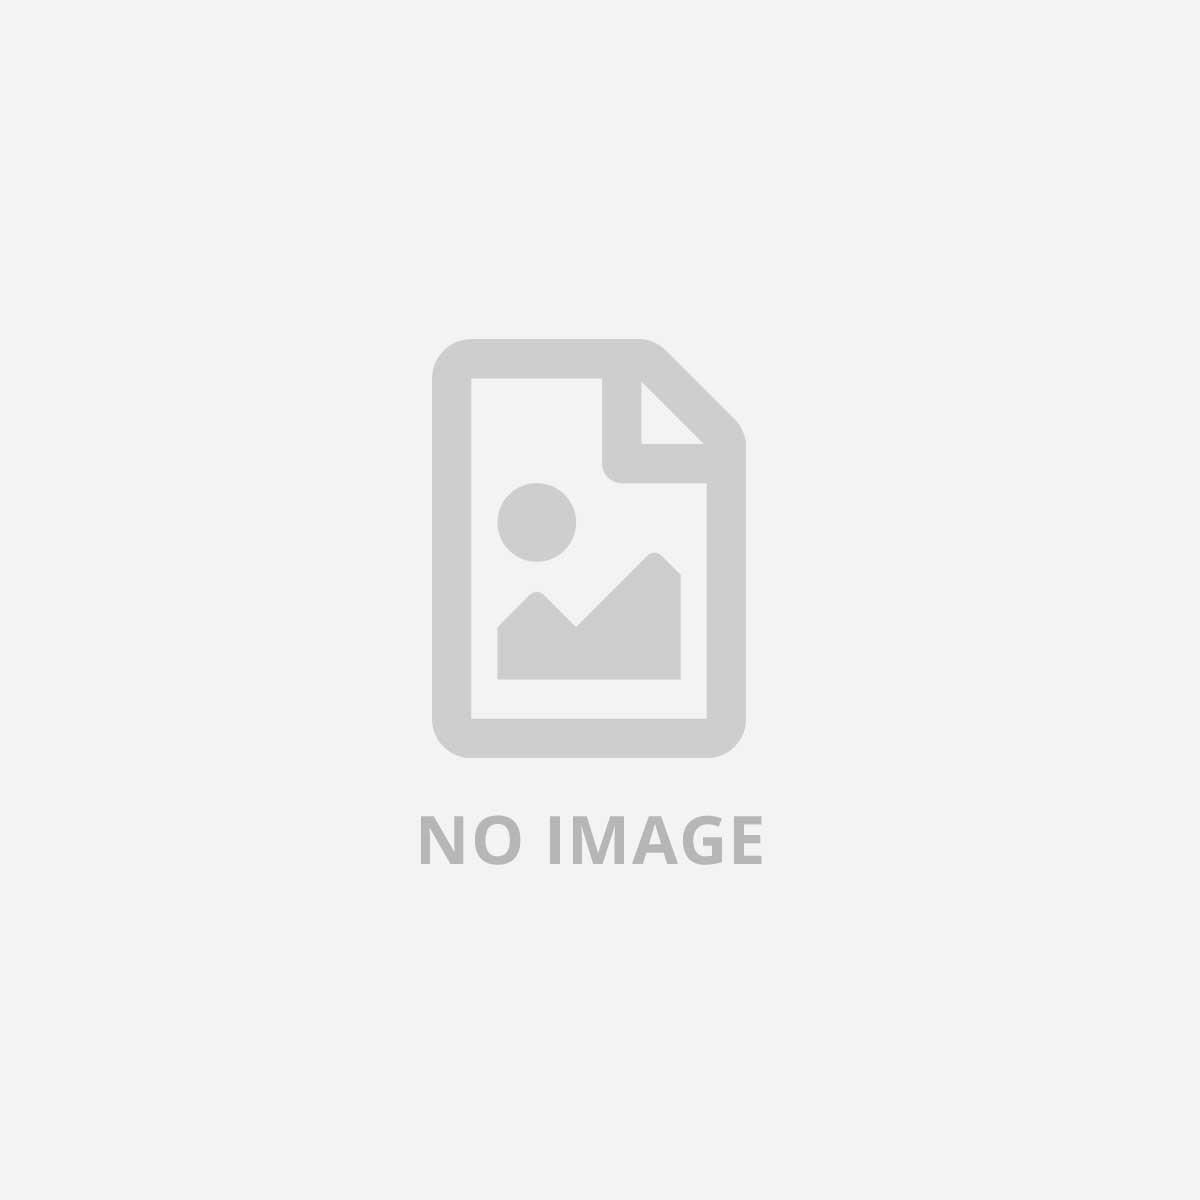 MEDION MACCH CAFF AMERIC 17229